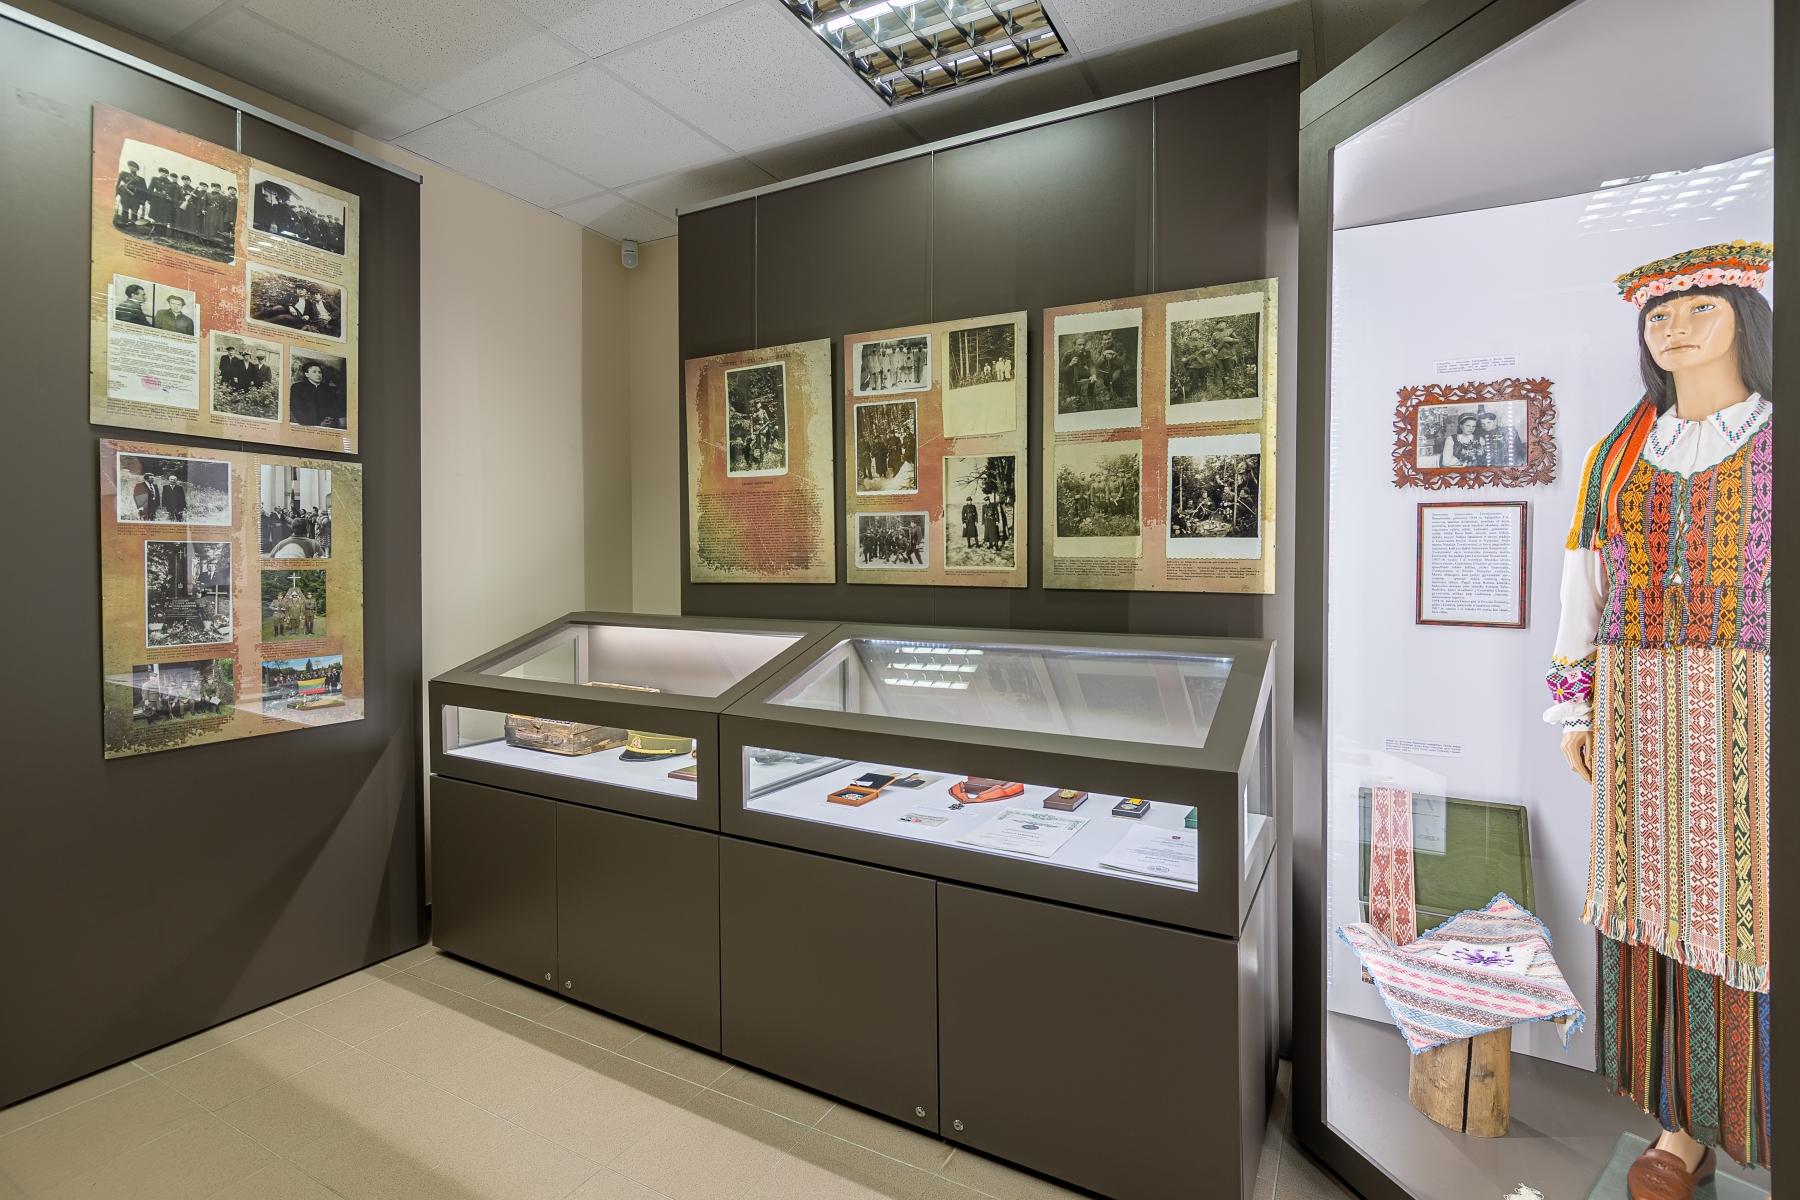 027_Taurages-muziejus